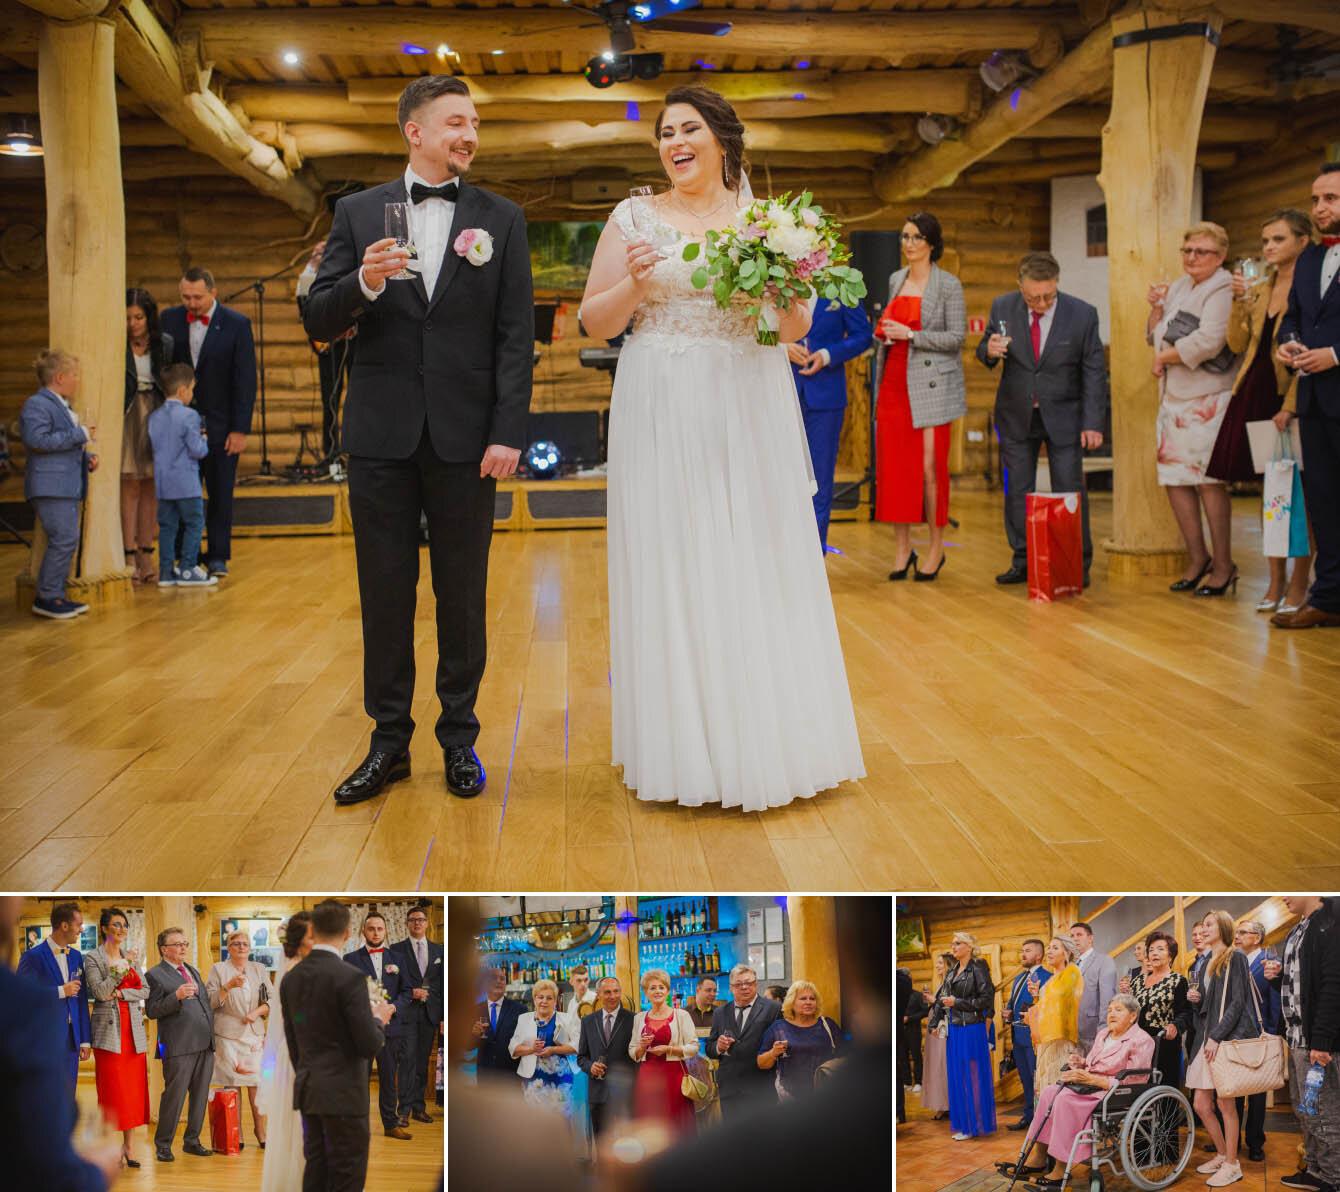 Fotografie ślubne Marka i Angeliki w domu weselnym pod Grzybkiem fotograf Bartek Wyrobek  21.jpg